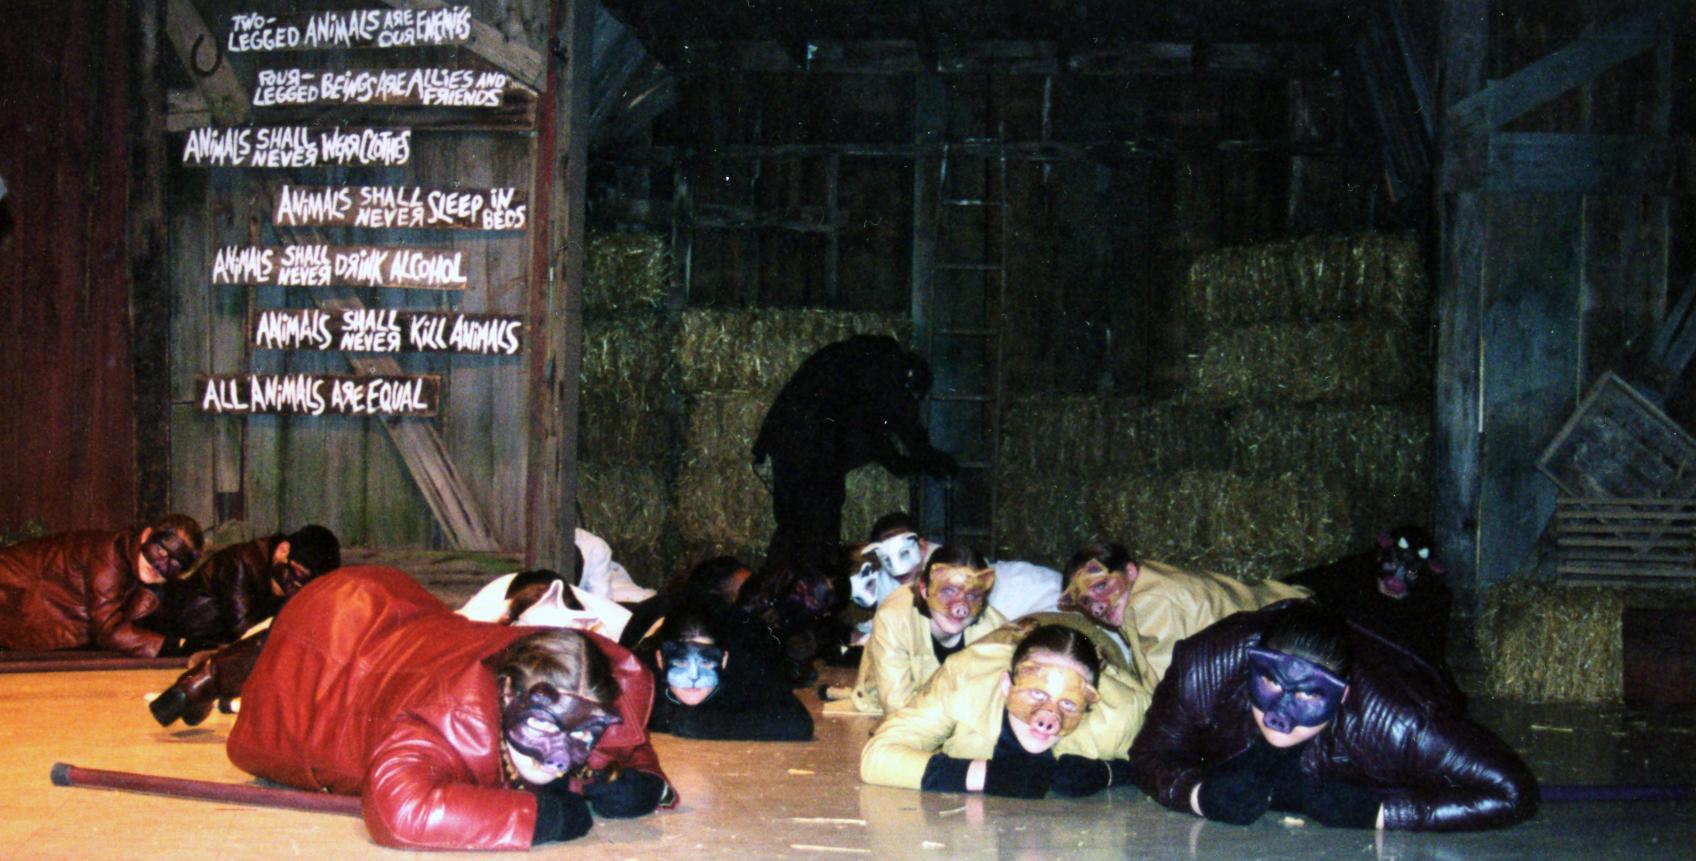 pigs crawling